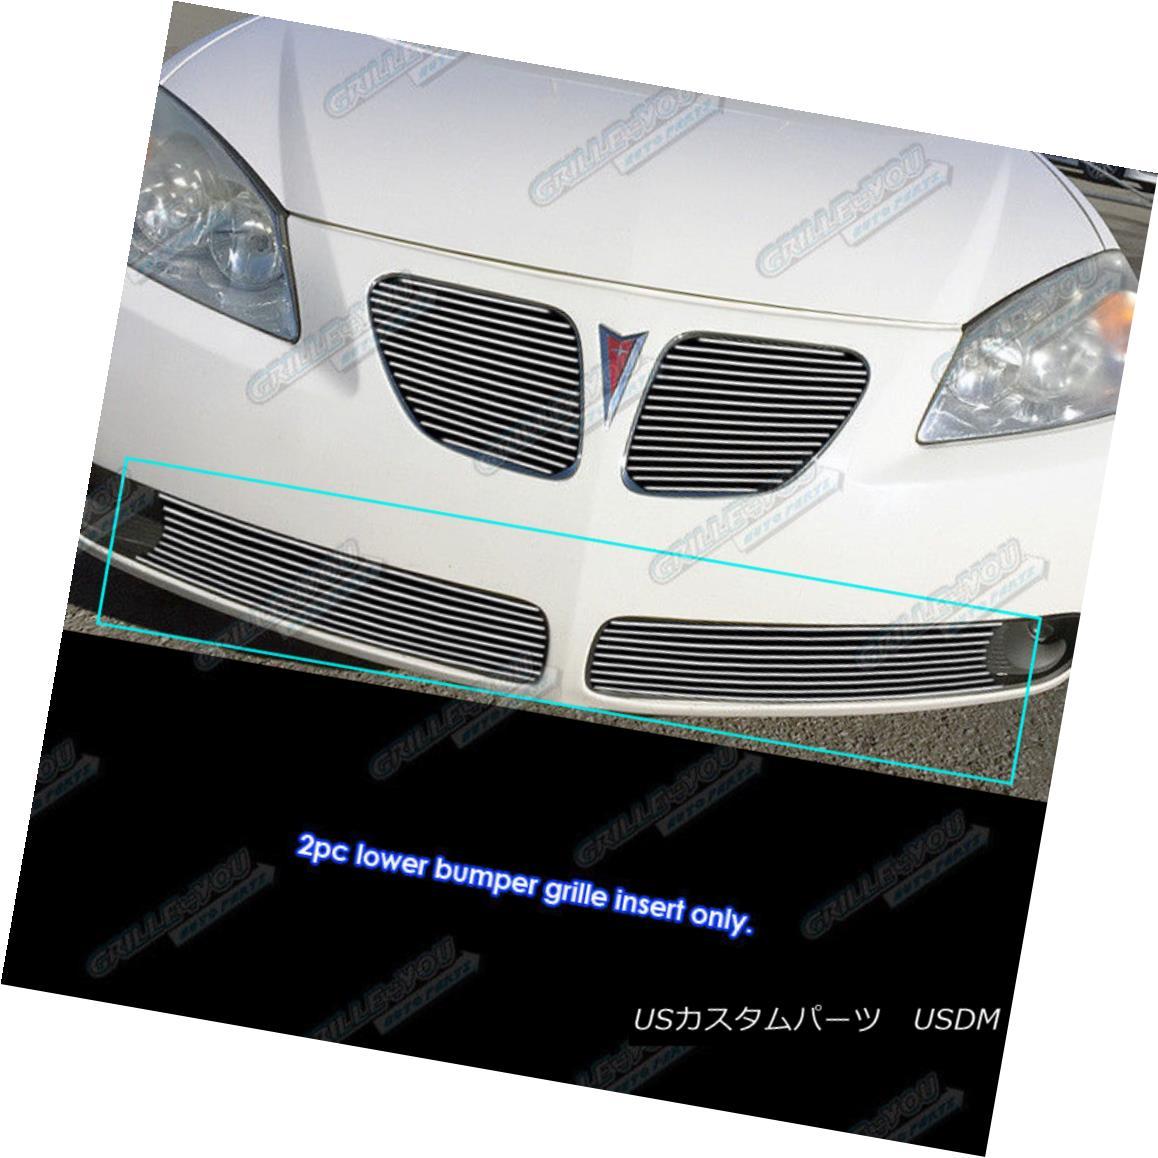 グリル Fits 2005-2008 Pontiac G6 Lower Lower Bumper Billet Grille Insert フィット2005-2008ポンティアックG6ロワーロワーバンパービレットグリルインサート